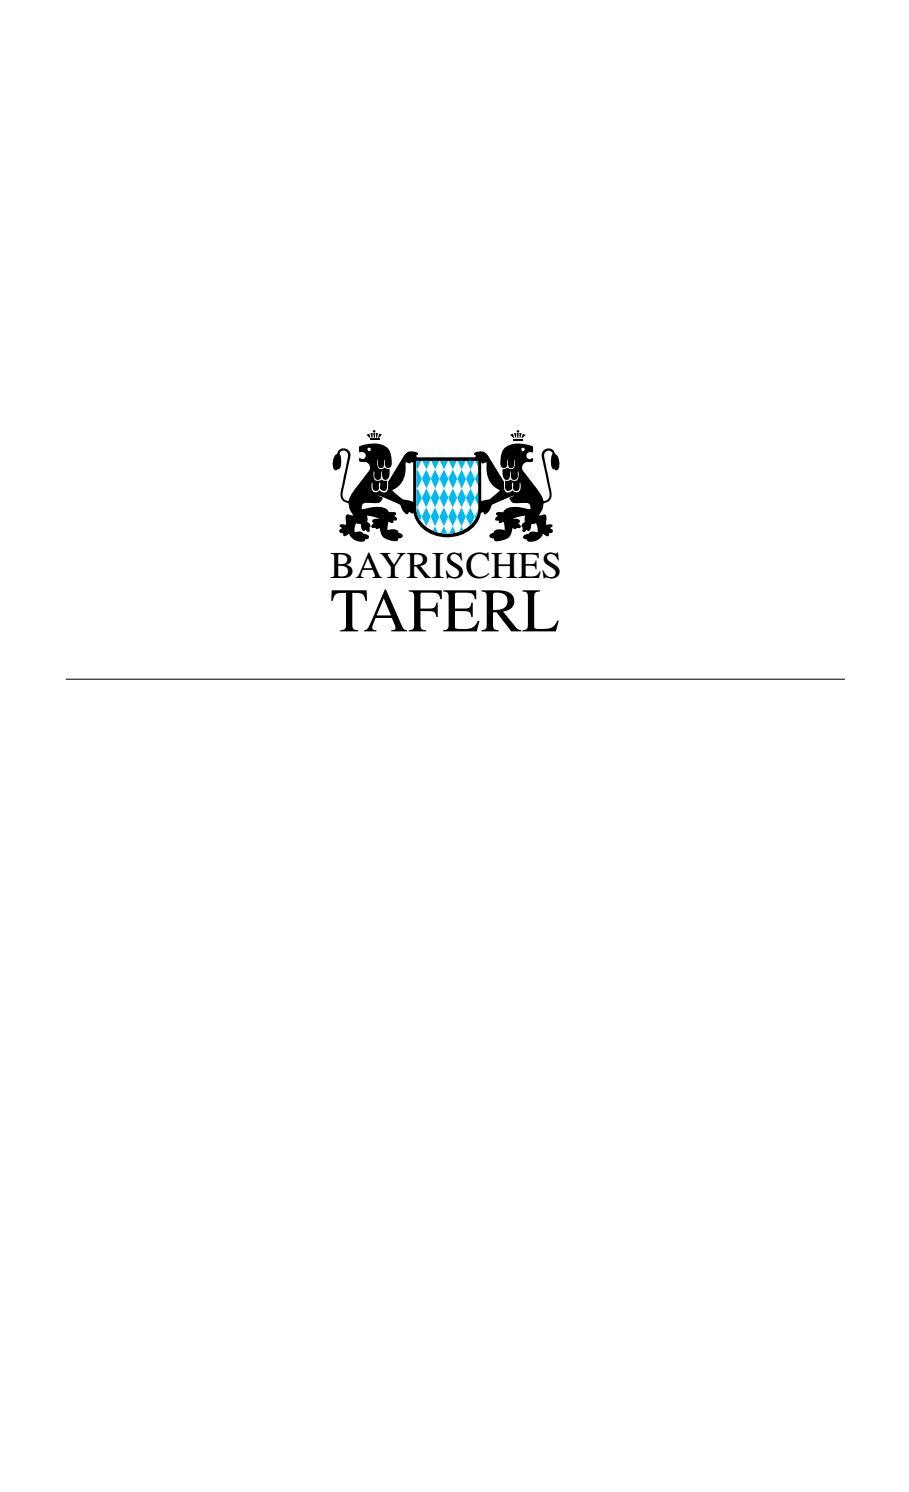 Ausgabe 20 2017 bayrisches taferl by Bayrisches Taferl - issuu